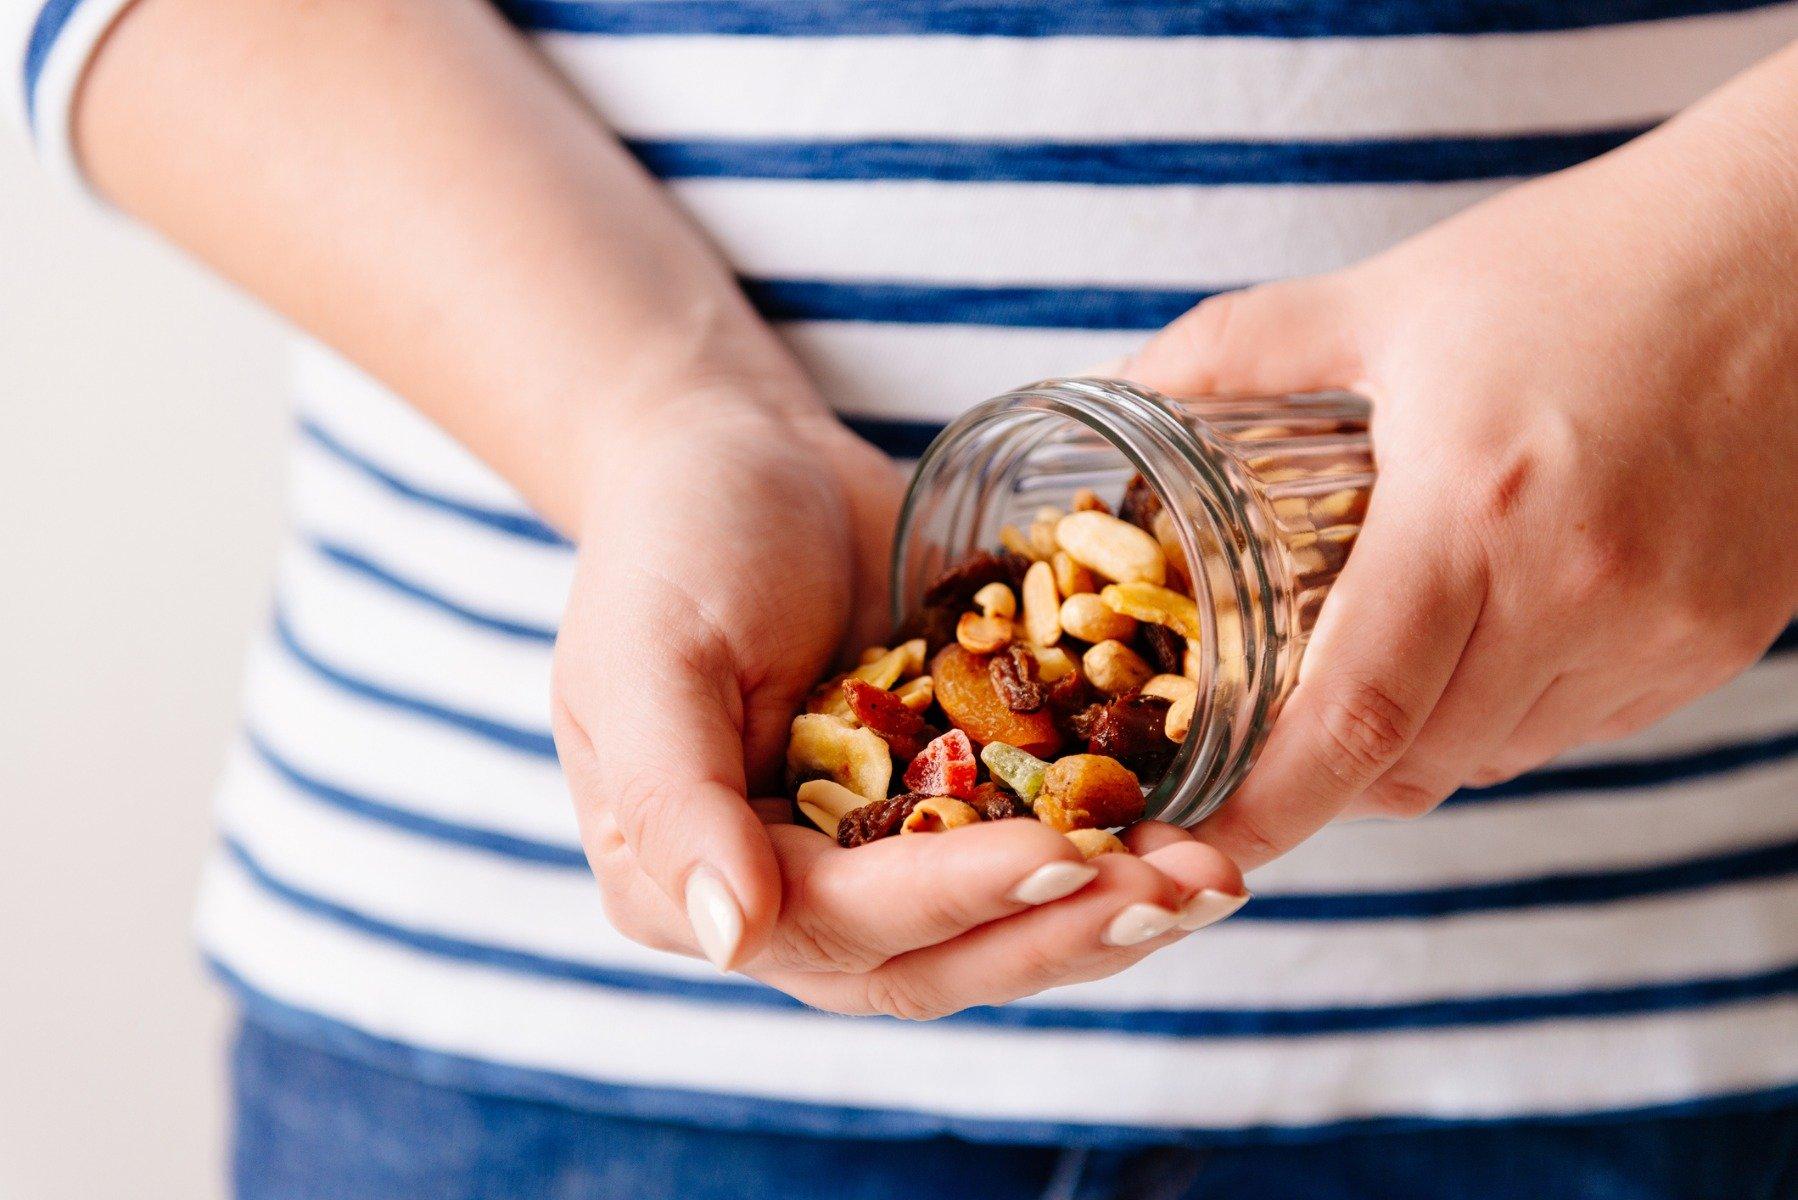 Вы также можете есть орехи и семена перед сном